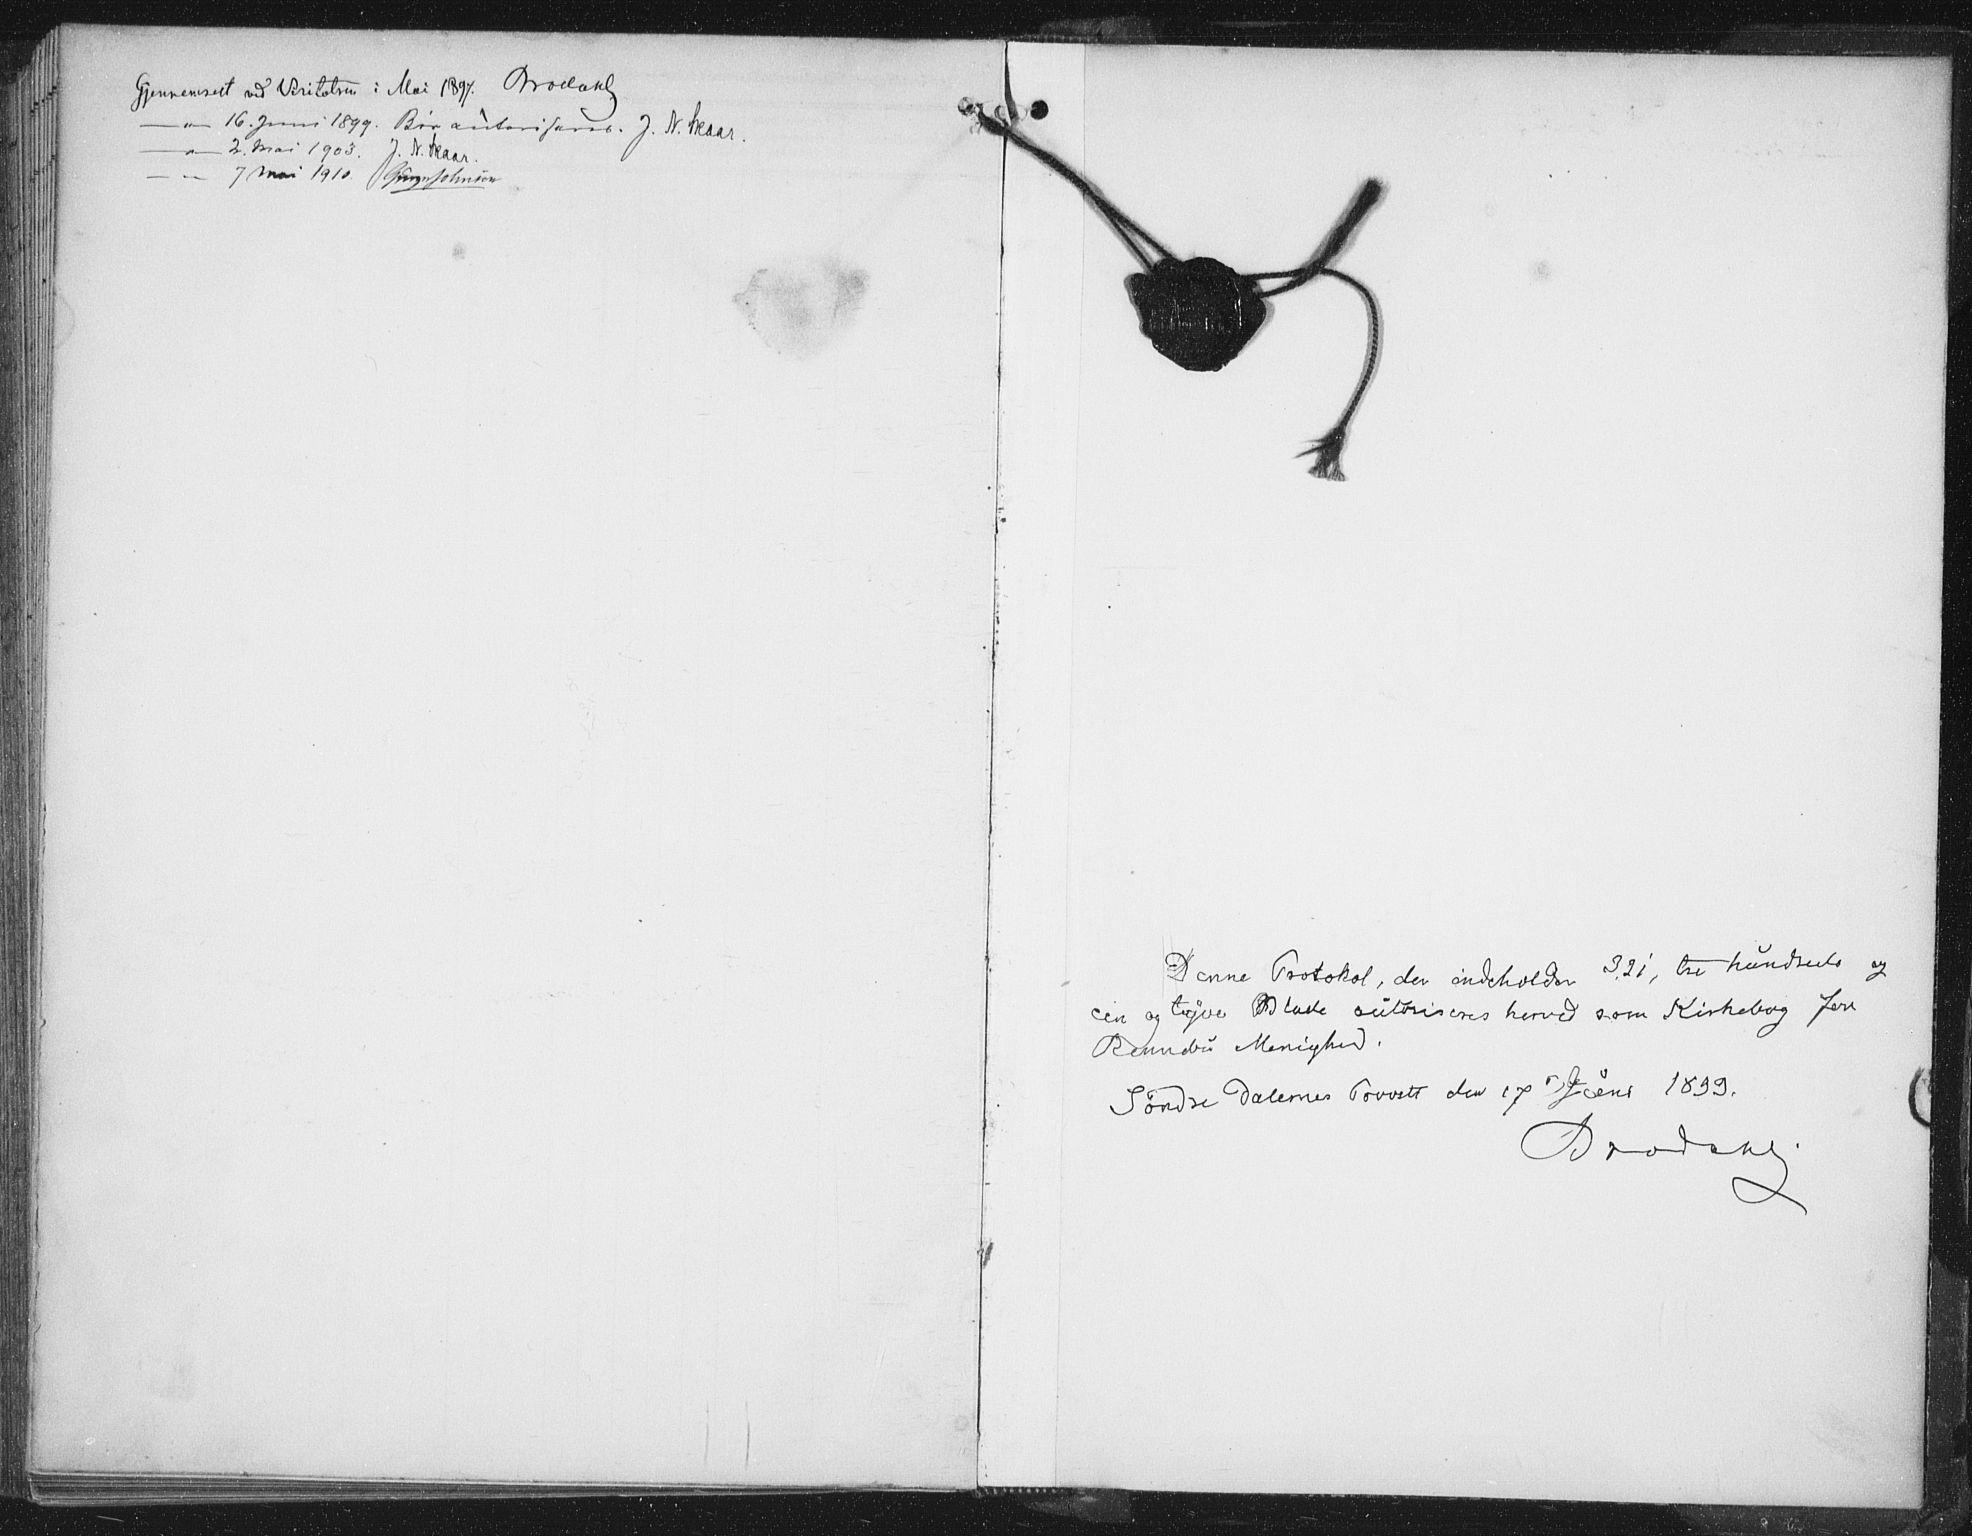 SAT, Ministerialprotokoller, klokkerbøker og fødselsregistre - Sør-Trøndelag, 674/L0872: Ministerialbok nr. 674A04, 1897-1907